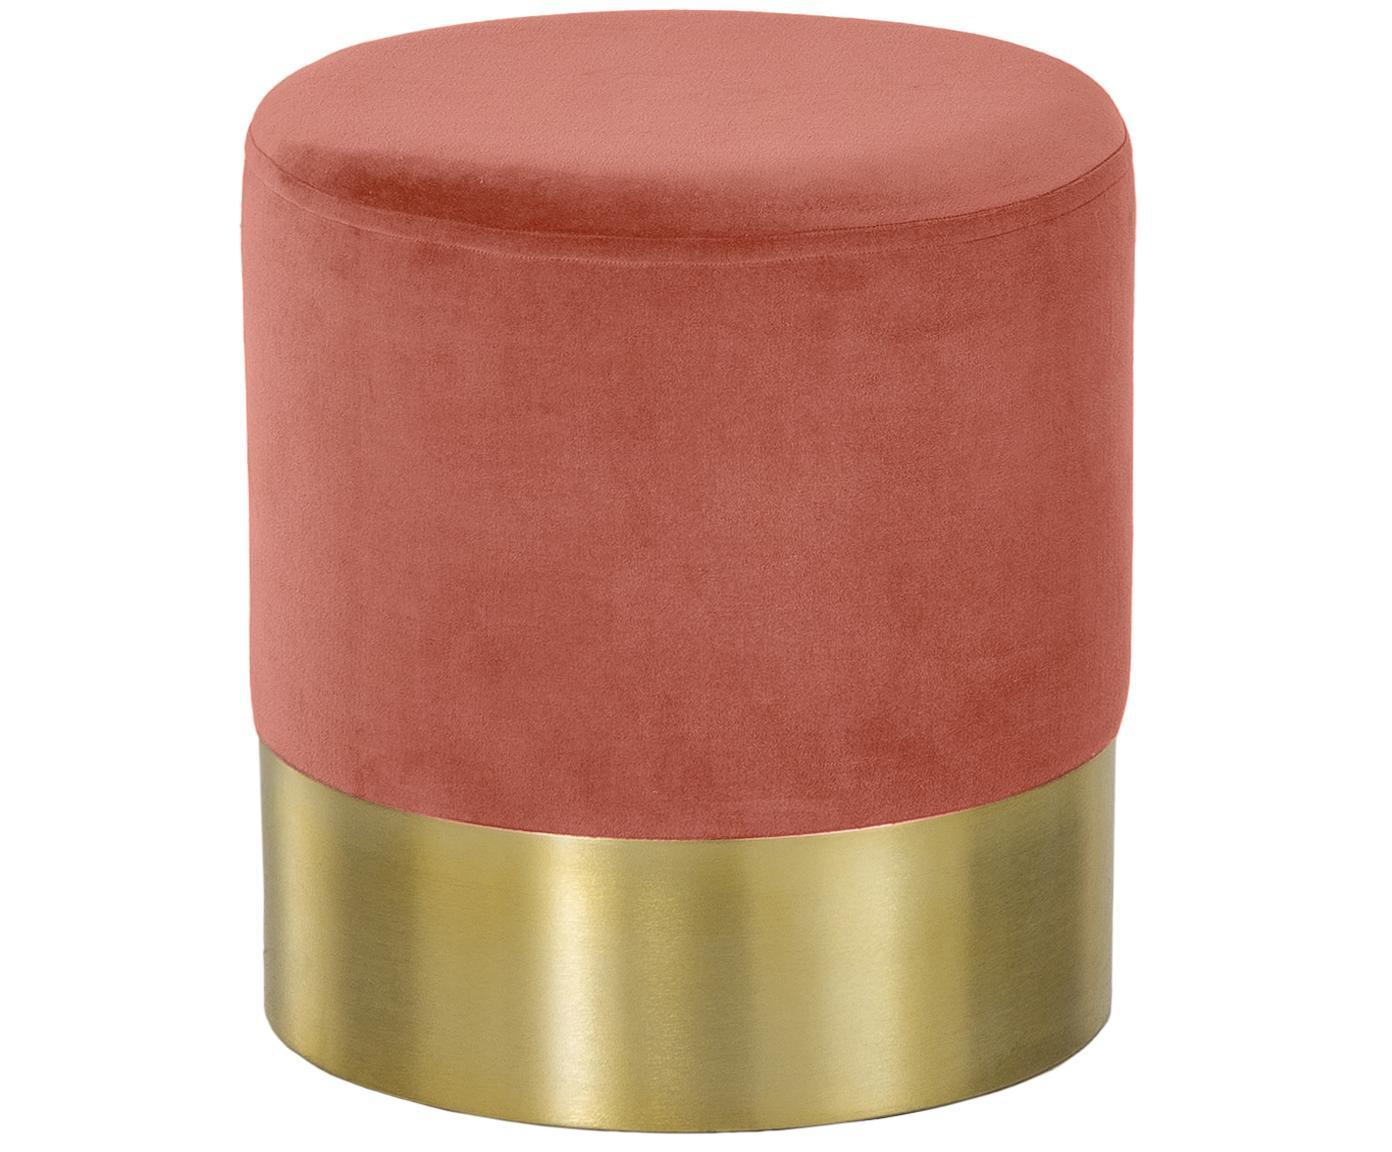 Tabouret en velours Harlow, Corail, couleur dorée